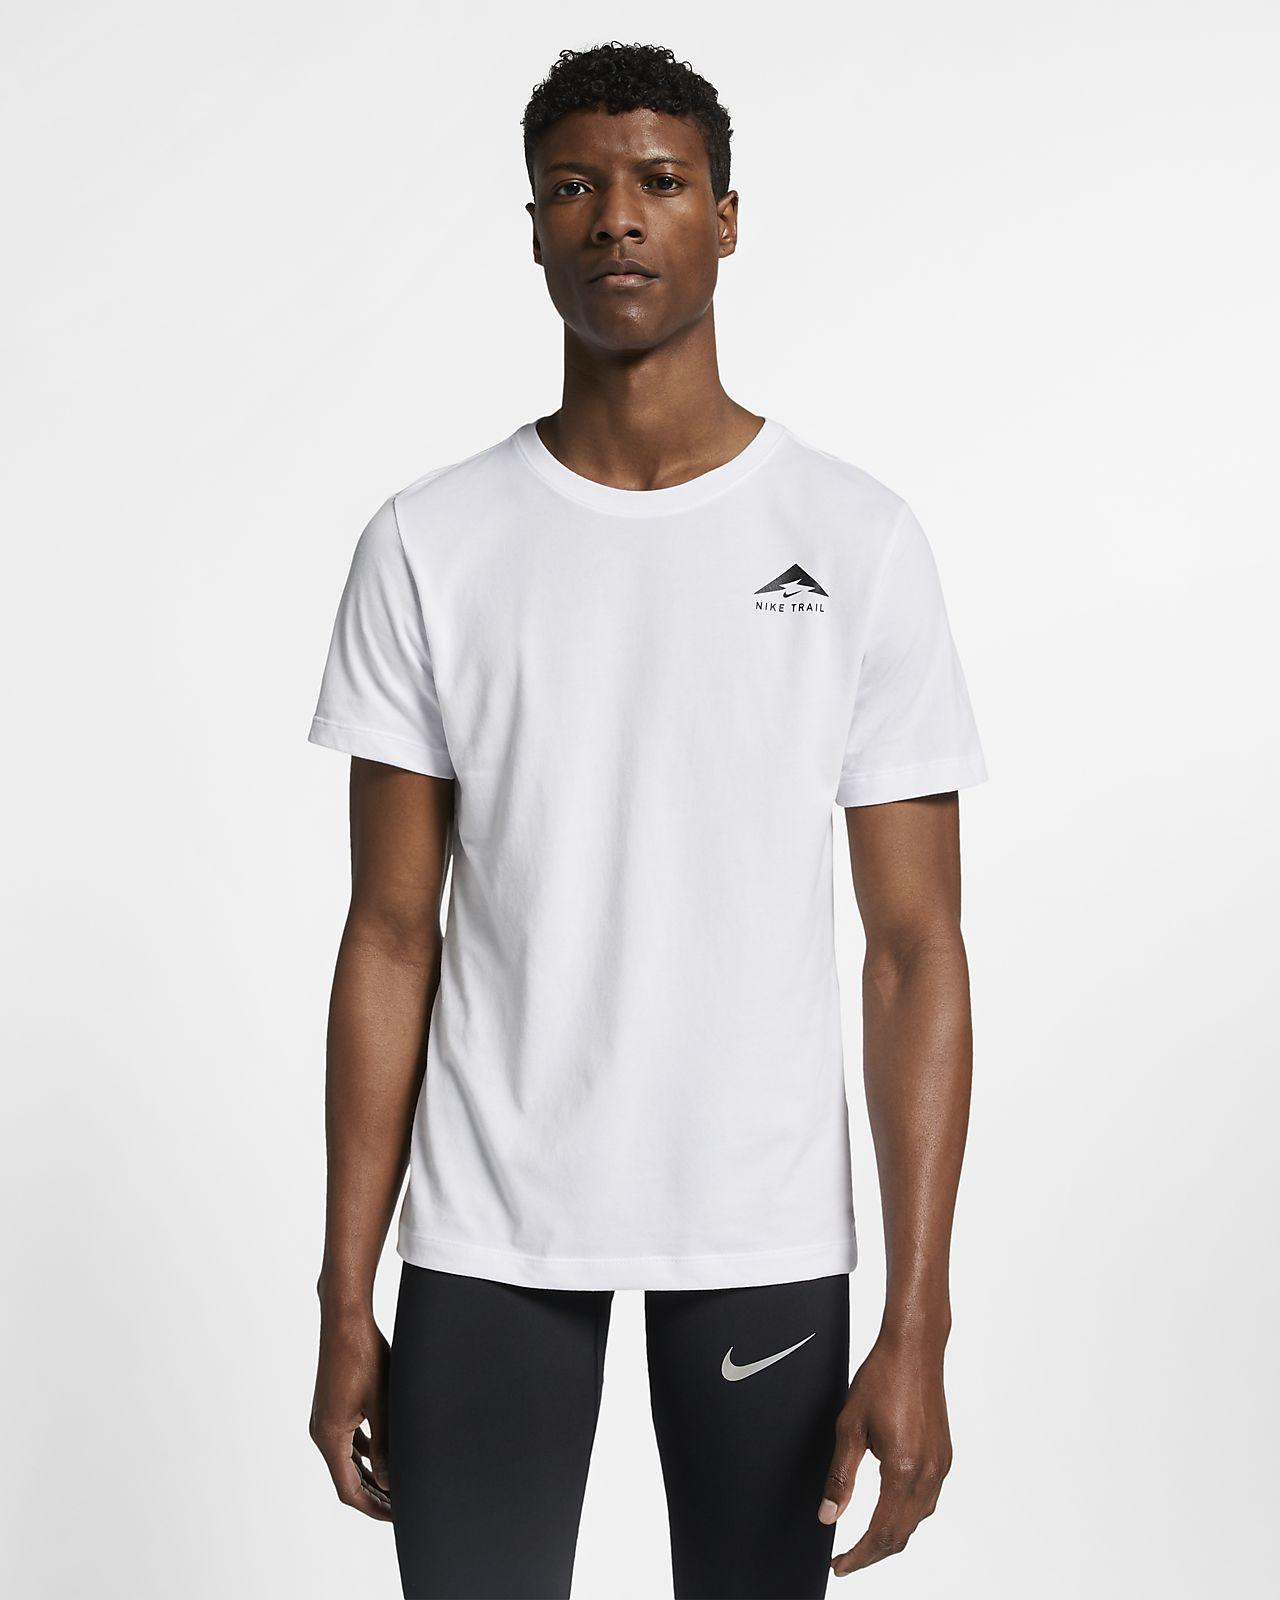 fe310362b8 Nike Trail Dri-FIT férfi futópóló. Nike.com HU